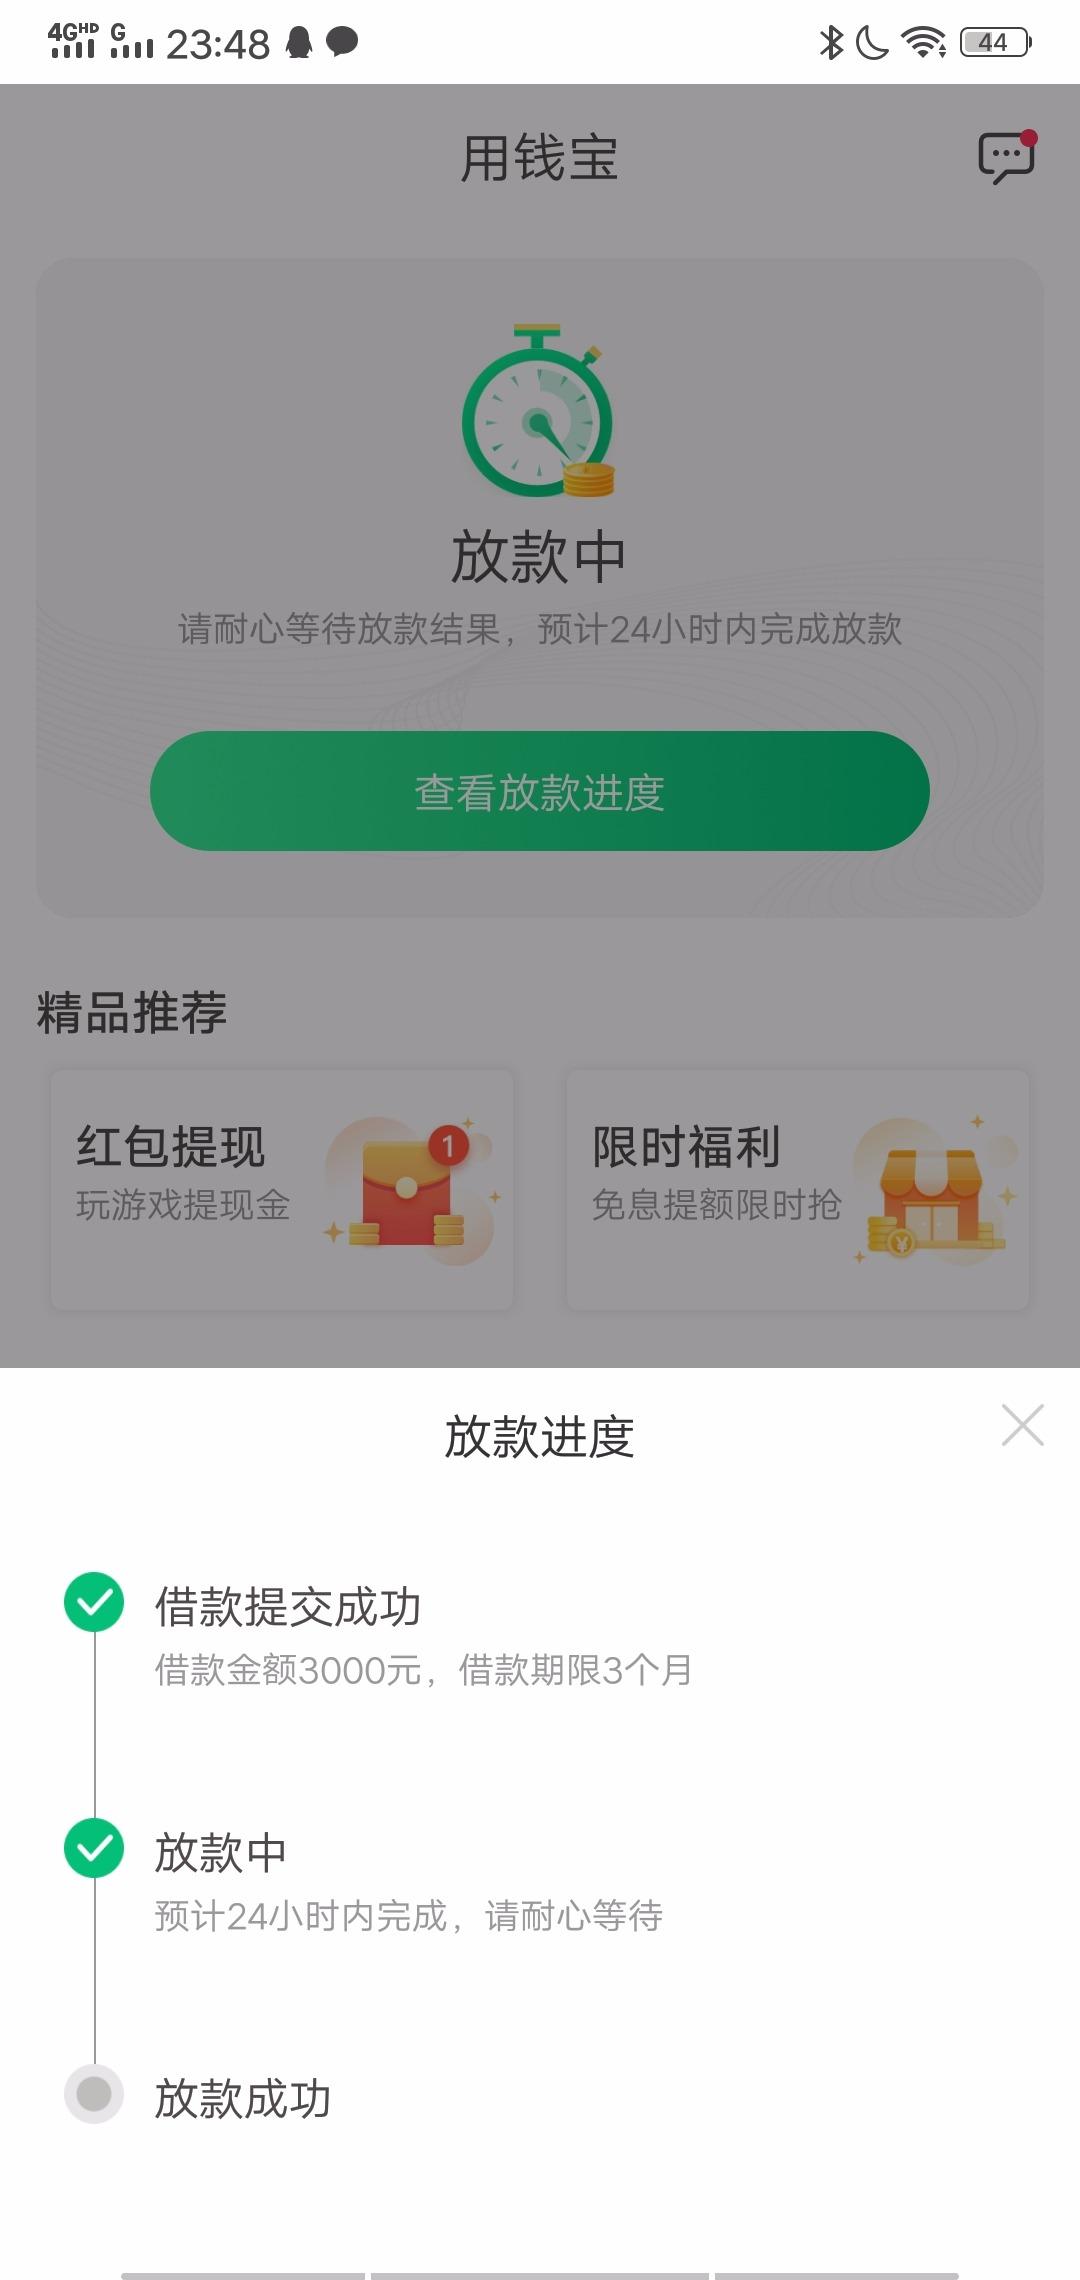 Screenshot_20200128_234854.jpg